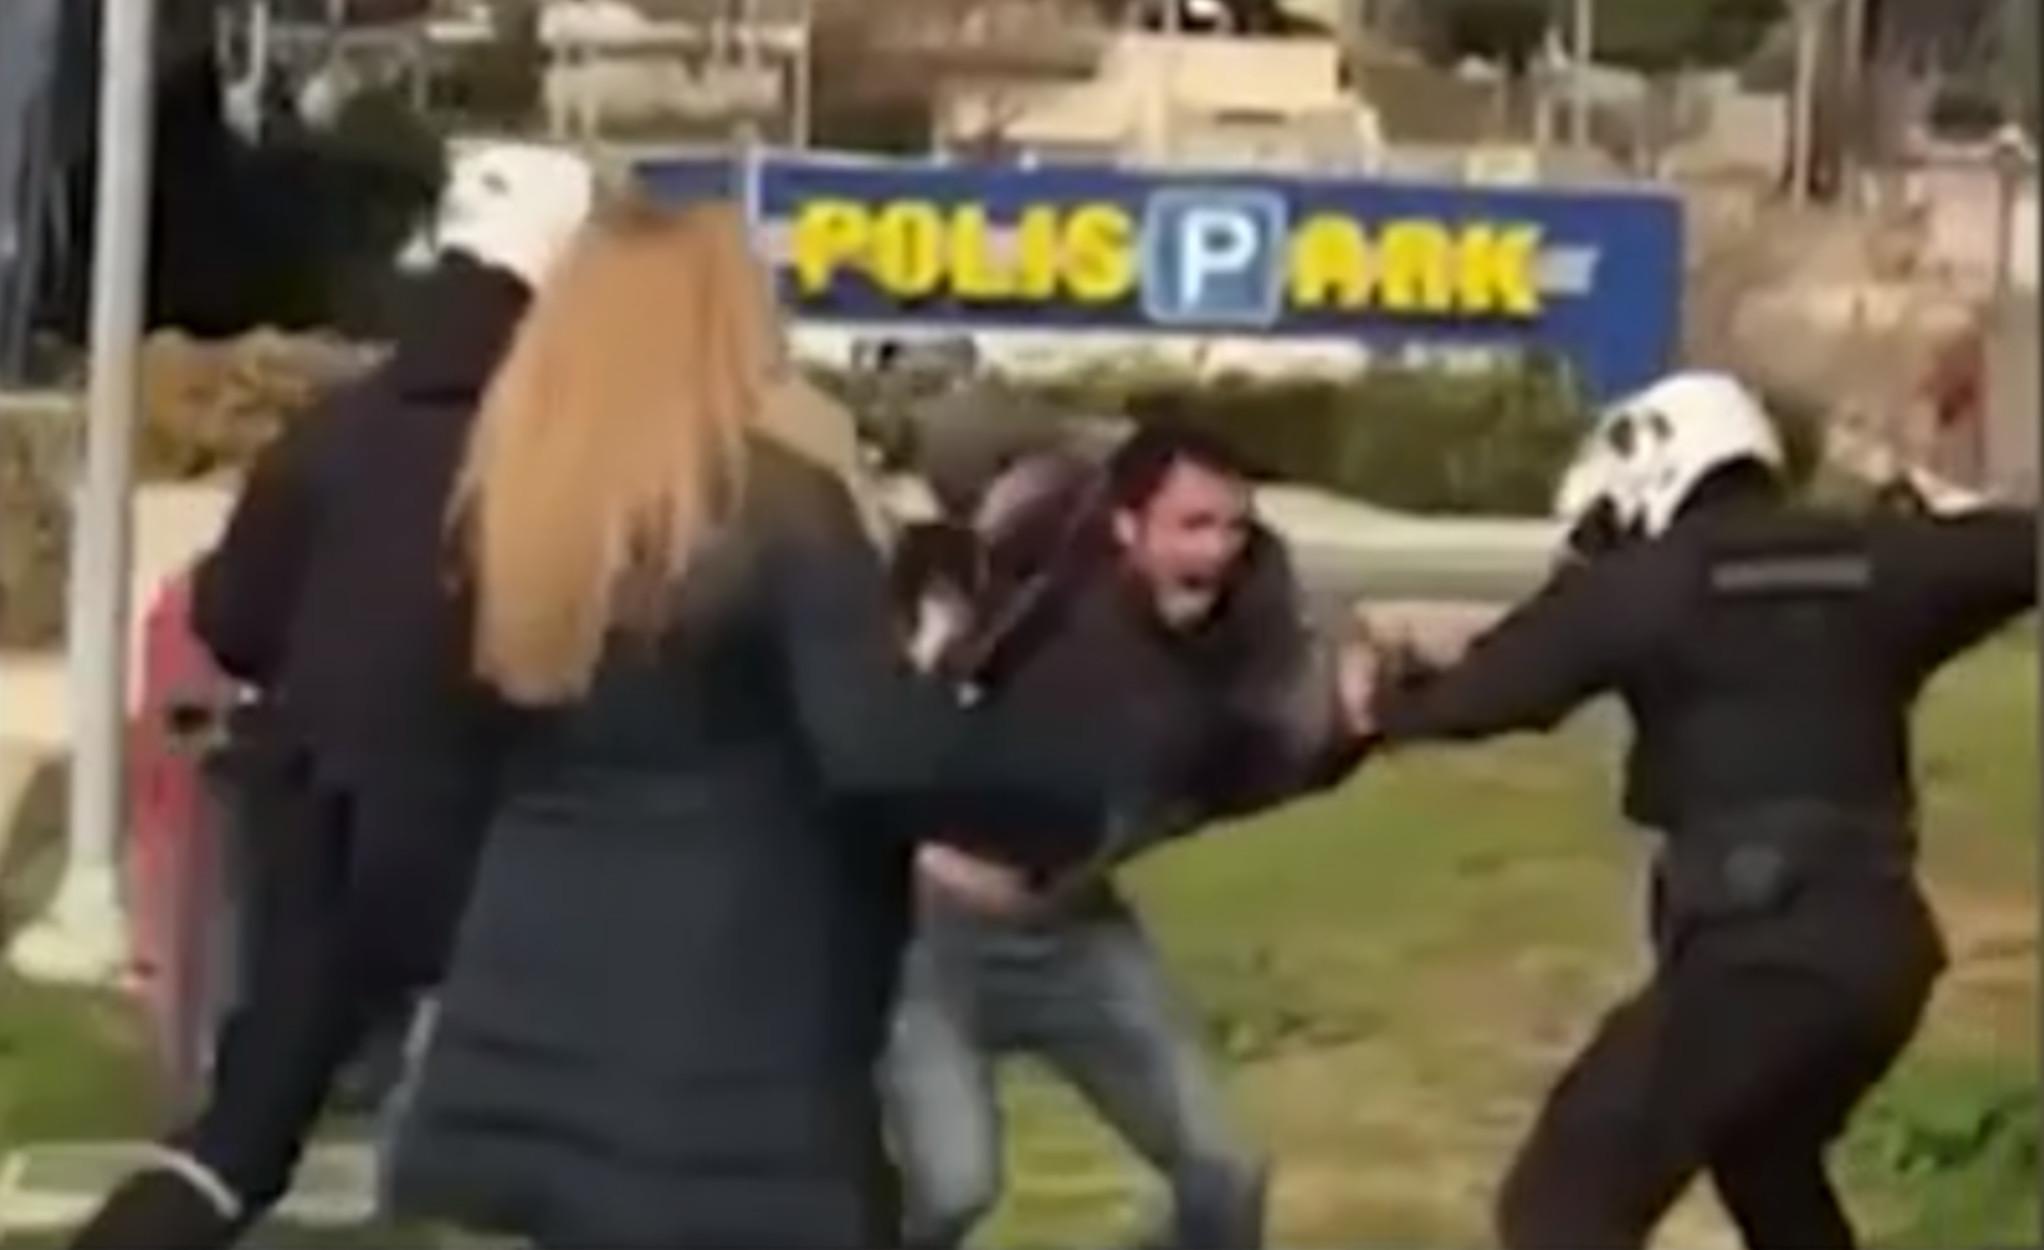 Νέα Σμύρνη: Τις εφιαλτικές στιγμές αποκαλύπτει στο Live News o νεαρός που ξυλοκοπήθηκε από αστυνομικούς